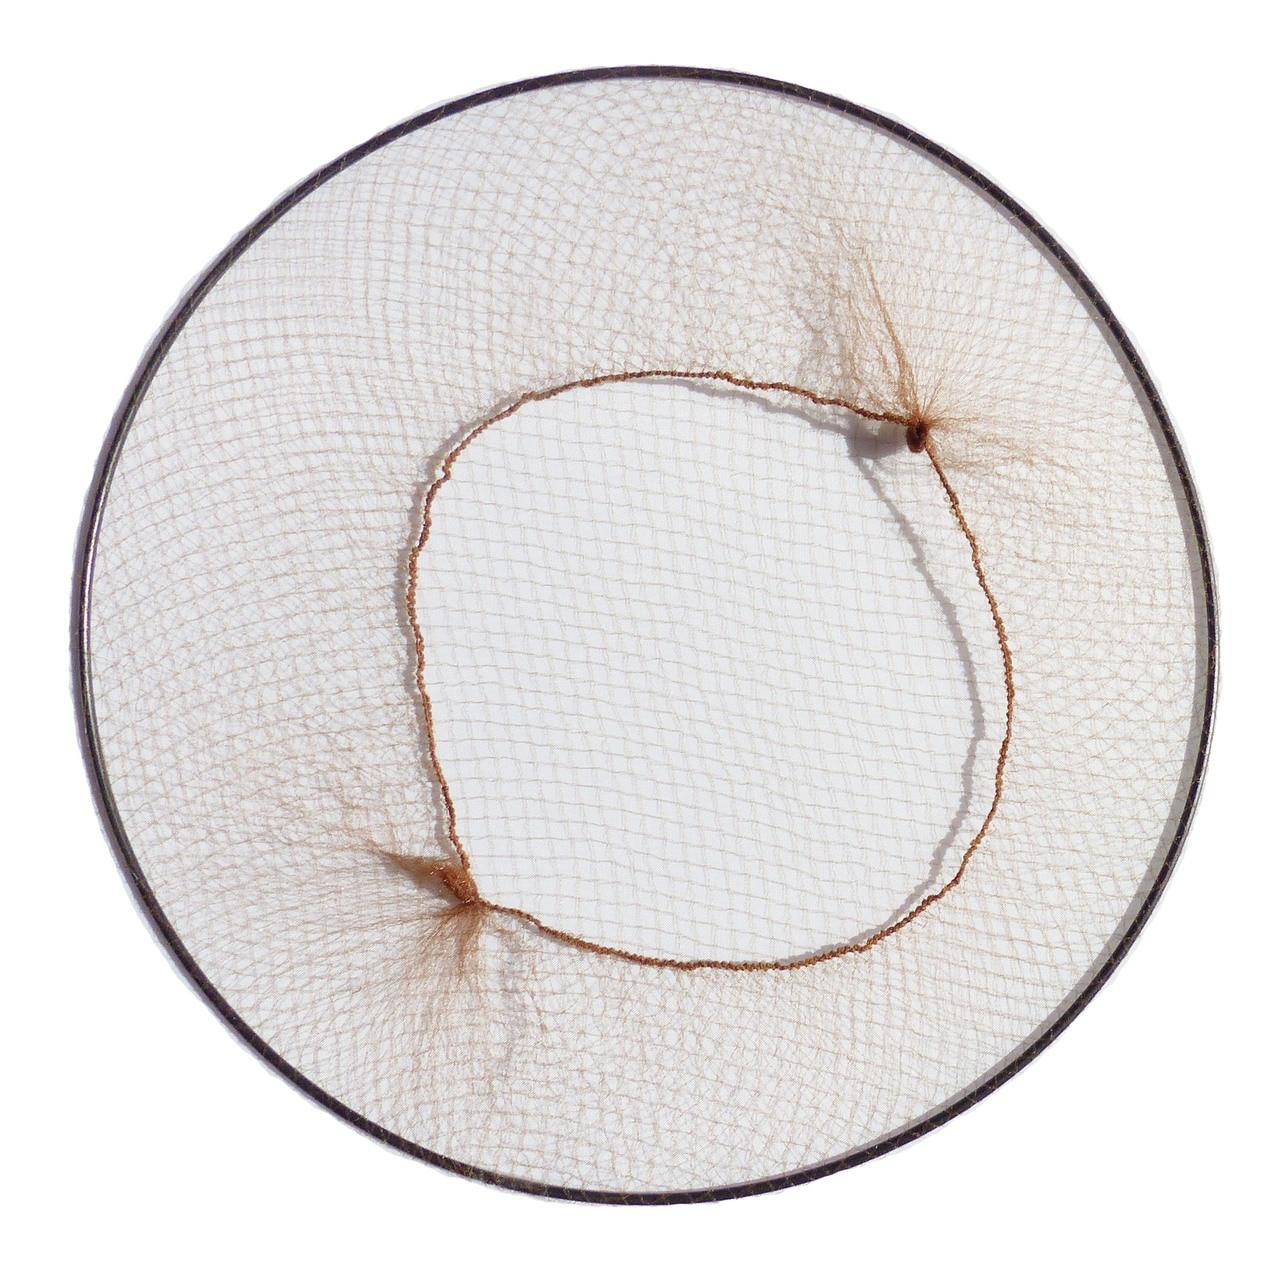 KySienn Hair Nets 10 Pack Medium Brown